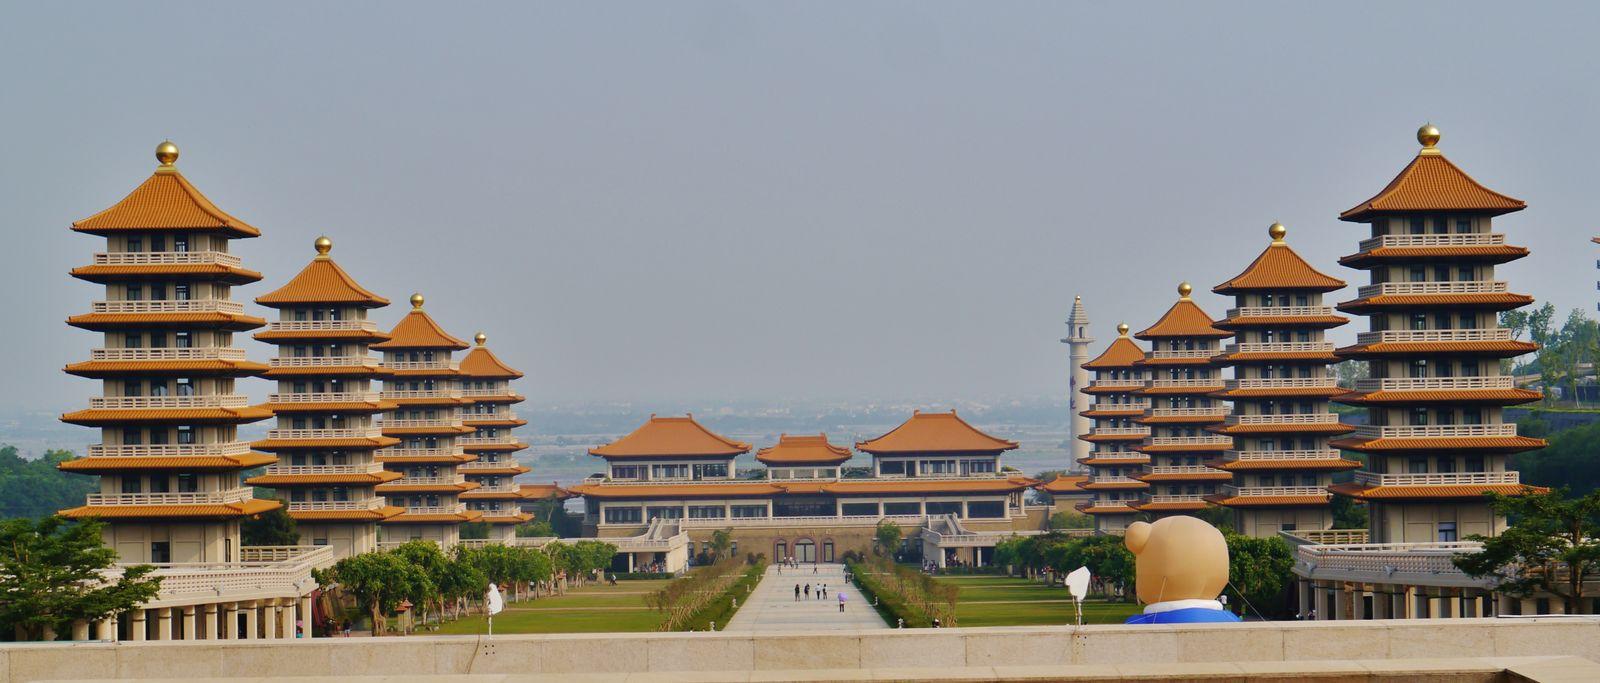 Kaohsiung Fo Guang Shan Buddha